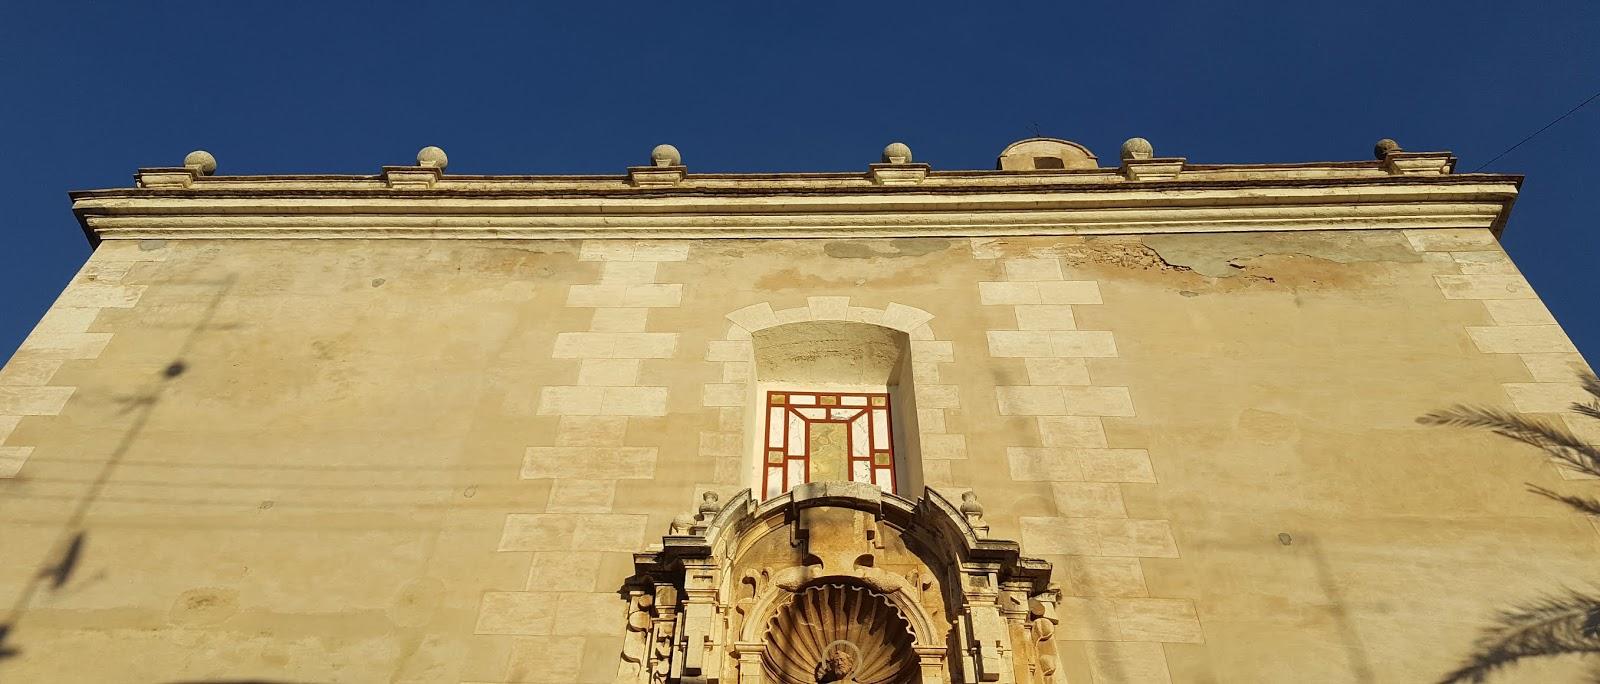 Façade of San Pedro Church, Albalat de la Ribera